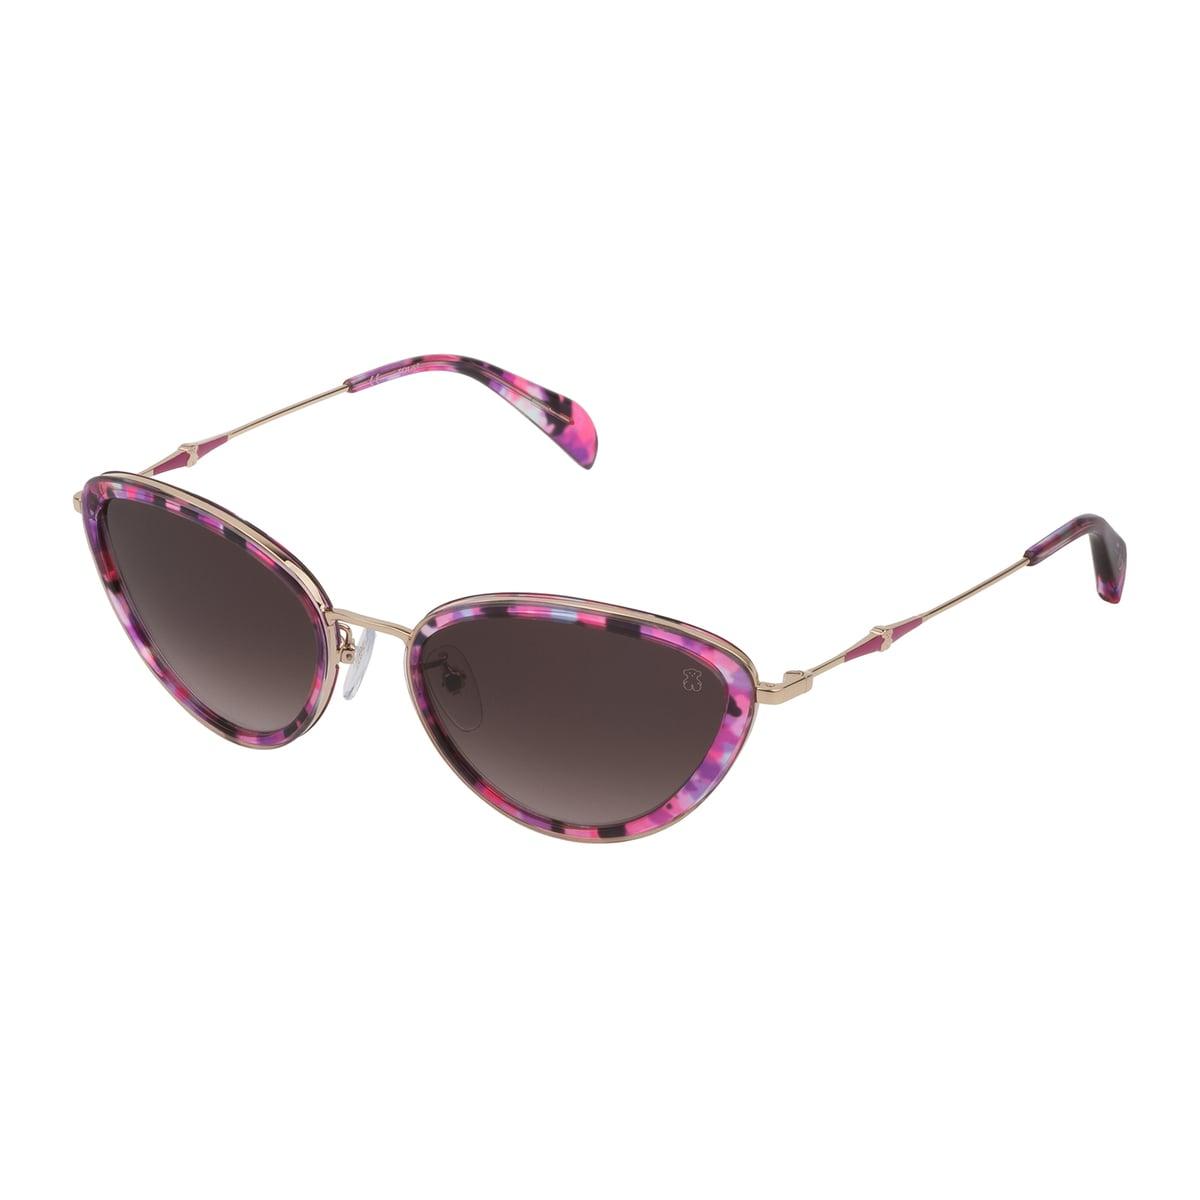 Gafas de sol Metal Bear de metal y acetato en color violeta